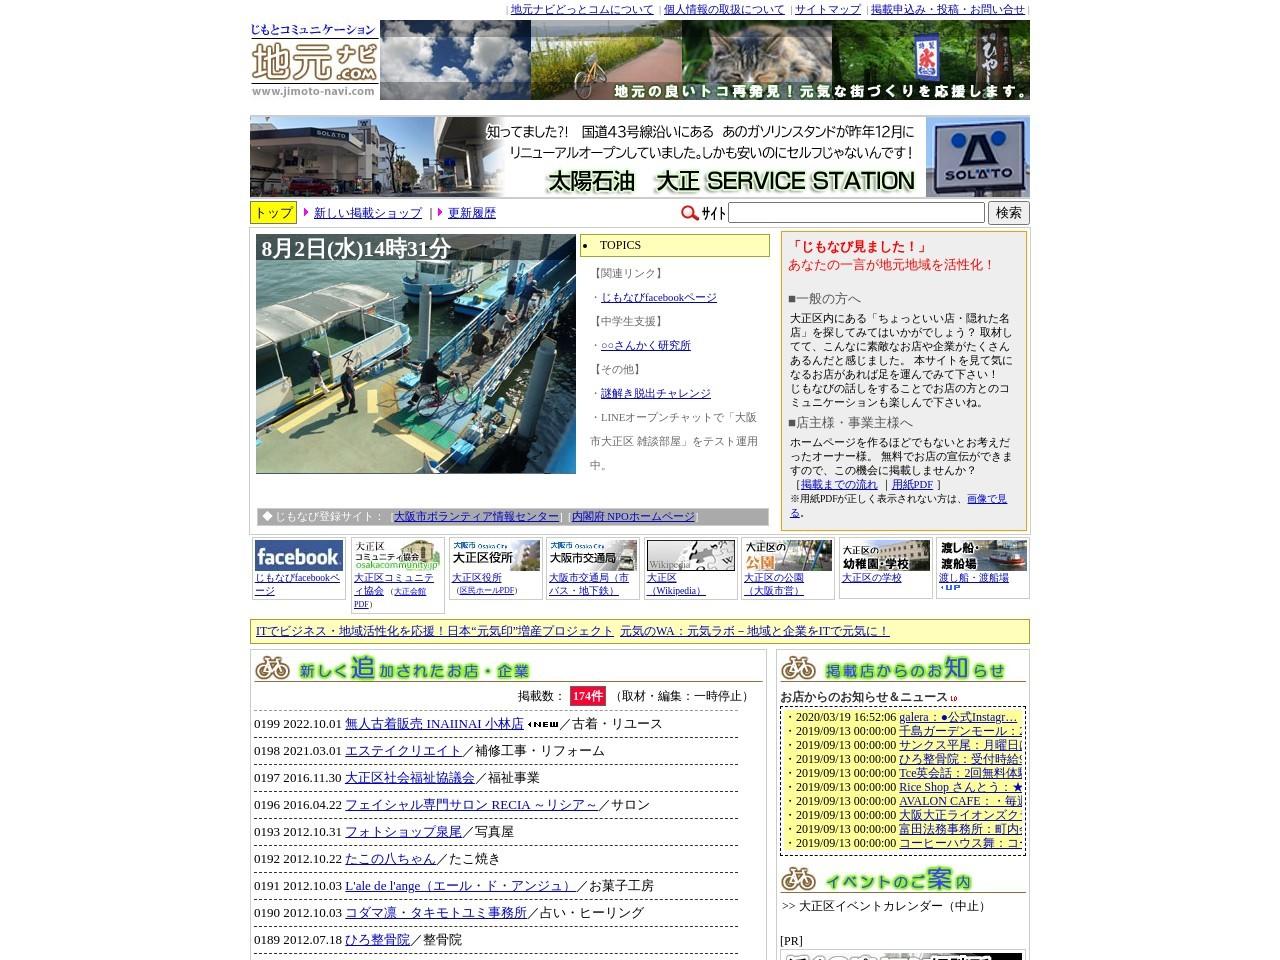 大阪市大正区の情報サイト!地元ナビどっとコム(じもなび) - 地元活性化プロジェクト